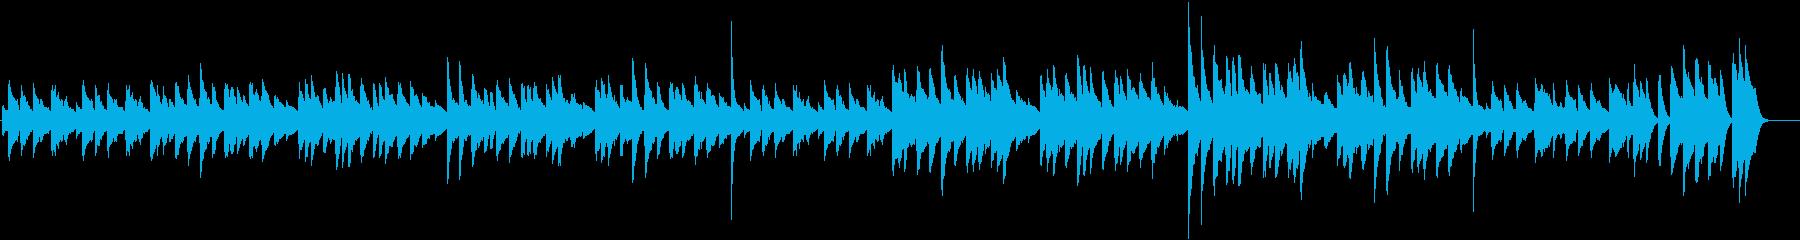 ひょうきん♪童謡・こいのぼりピアノBGMの再生済みの波形